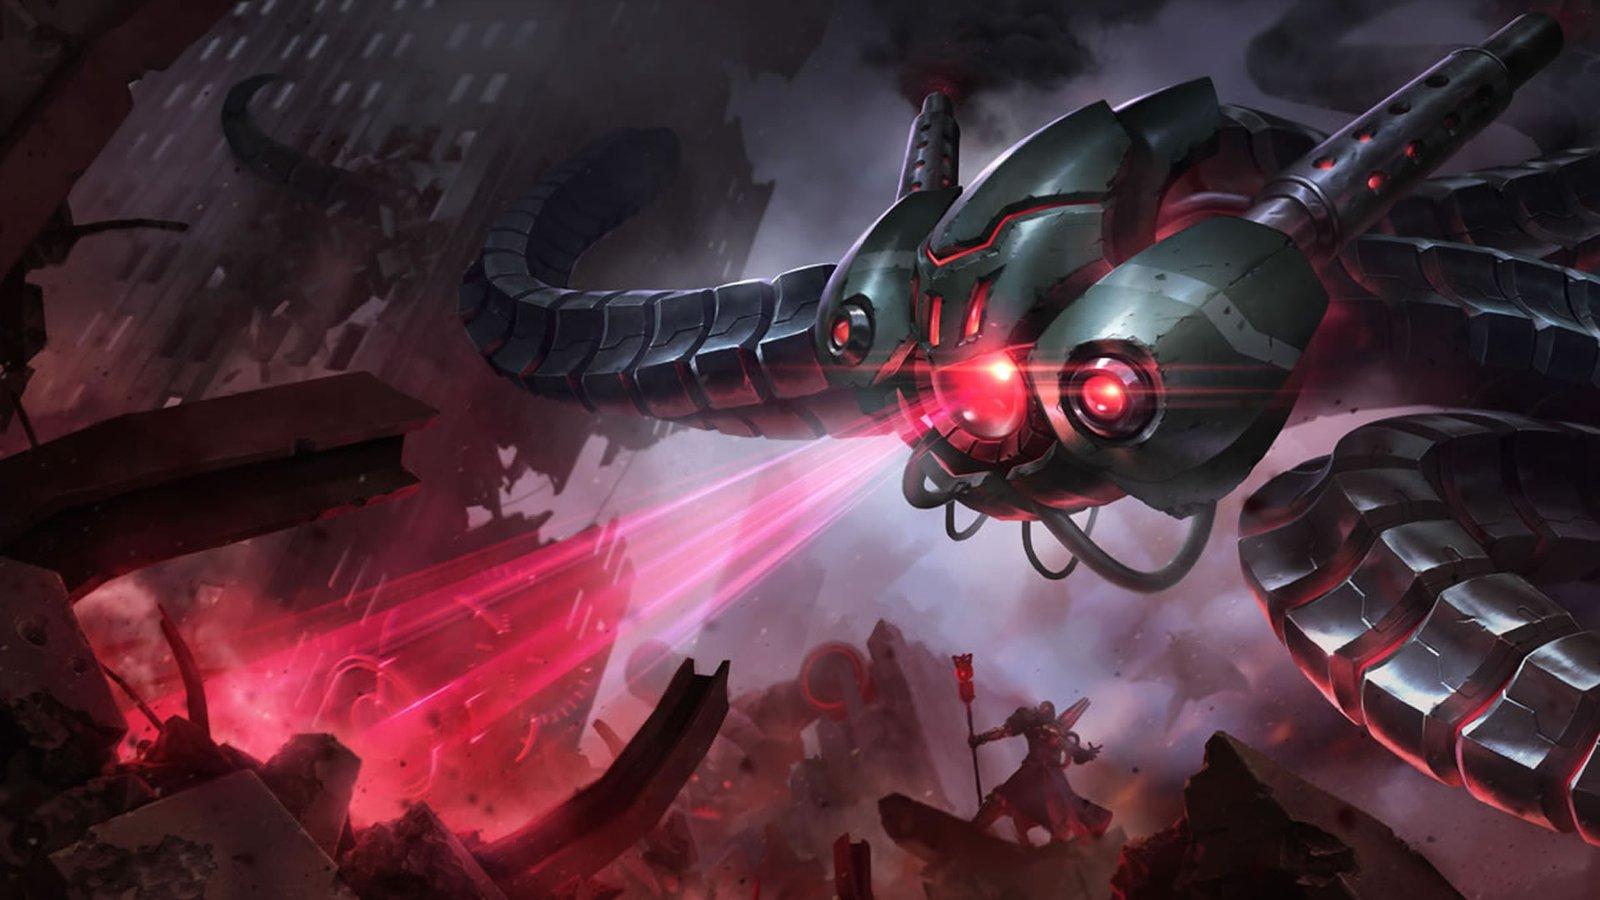 Battlecast Velkoz League Of Legends Wallpaper HD 1920x1080